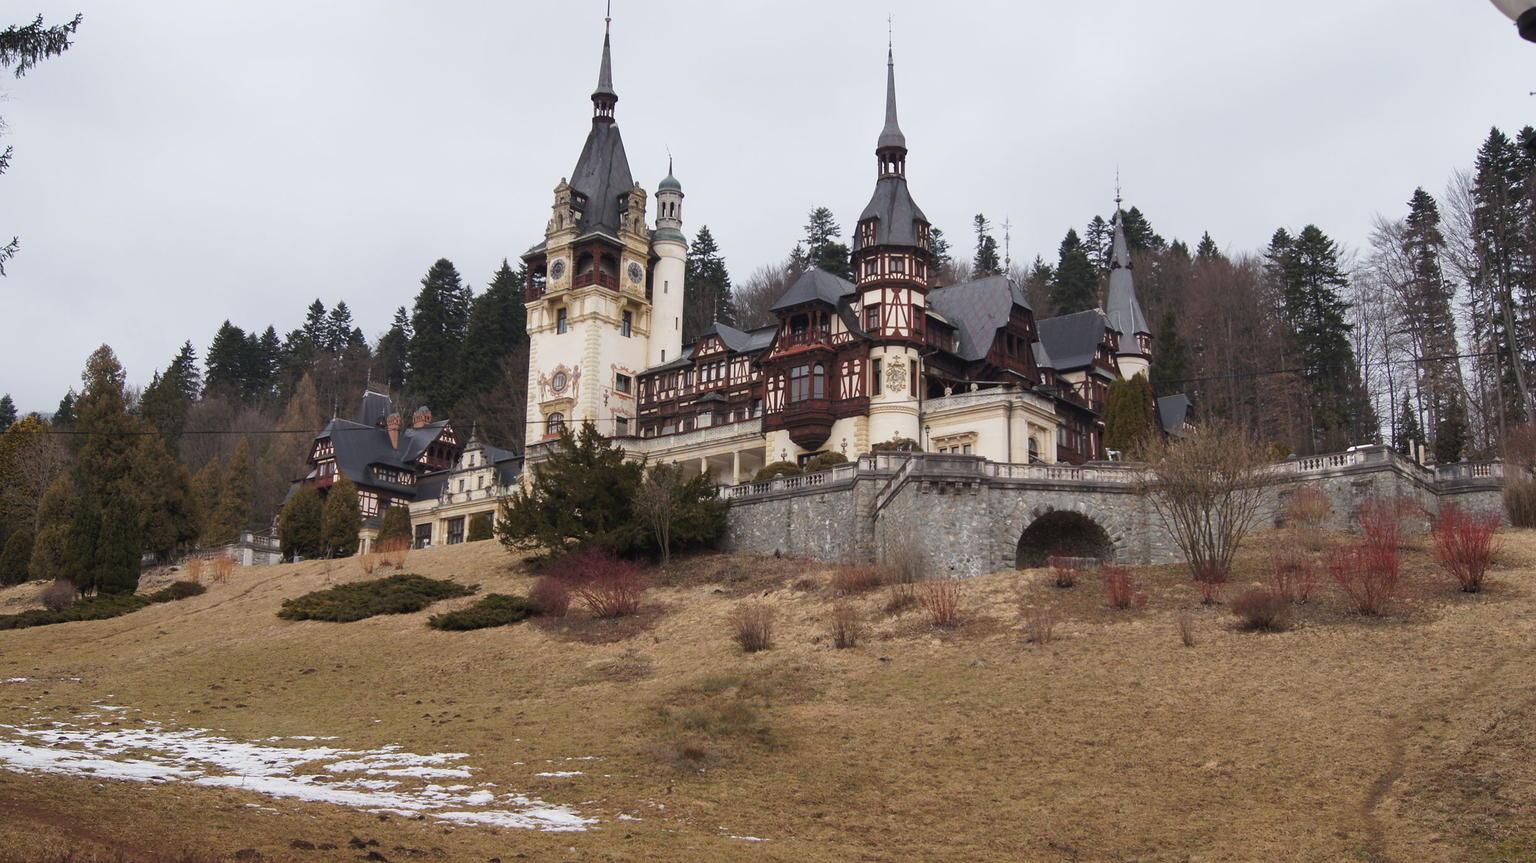 MÁS FOTOS, Day Trip Through Brasov in Transylvania and Bran, Peles, and Rasnov Castles